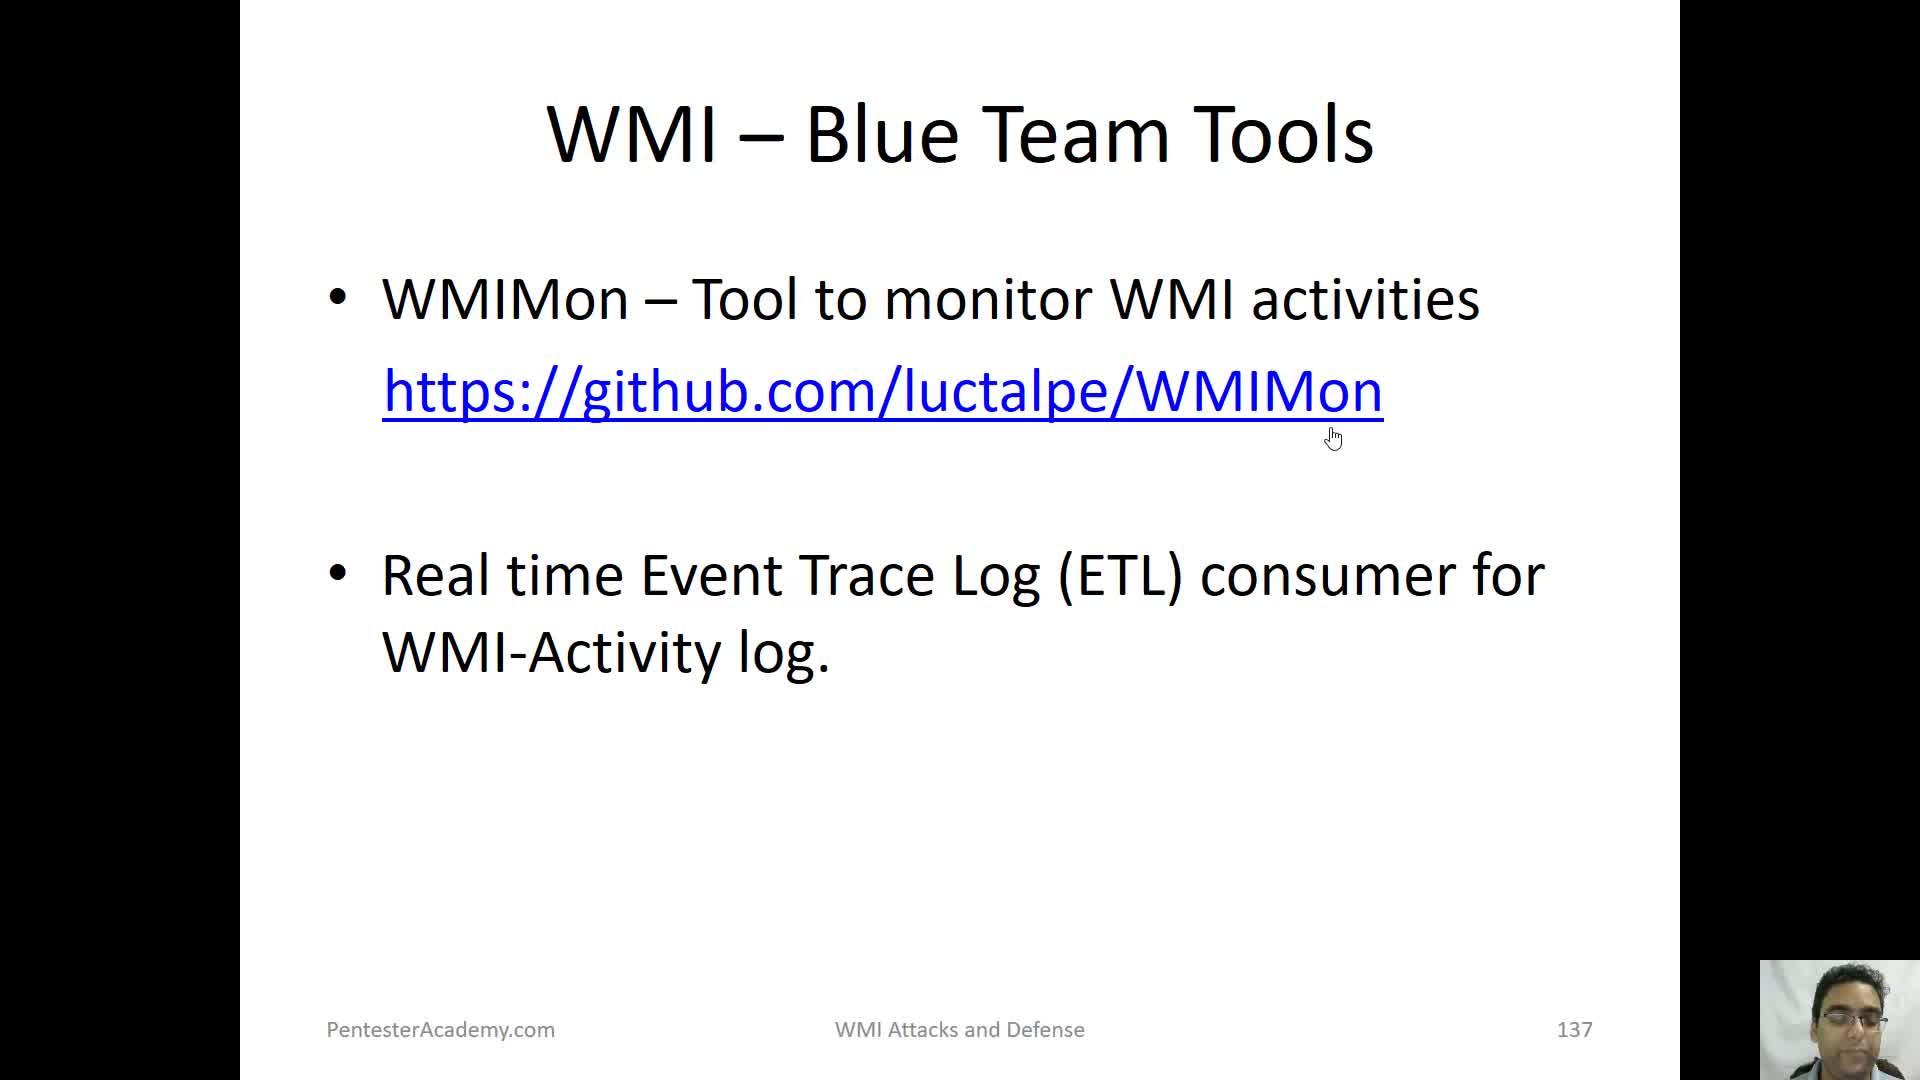 Blue Team Tools